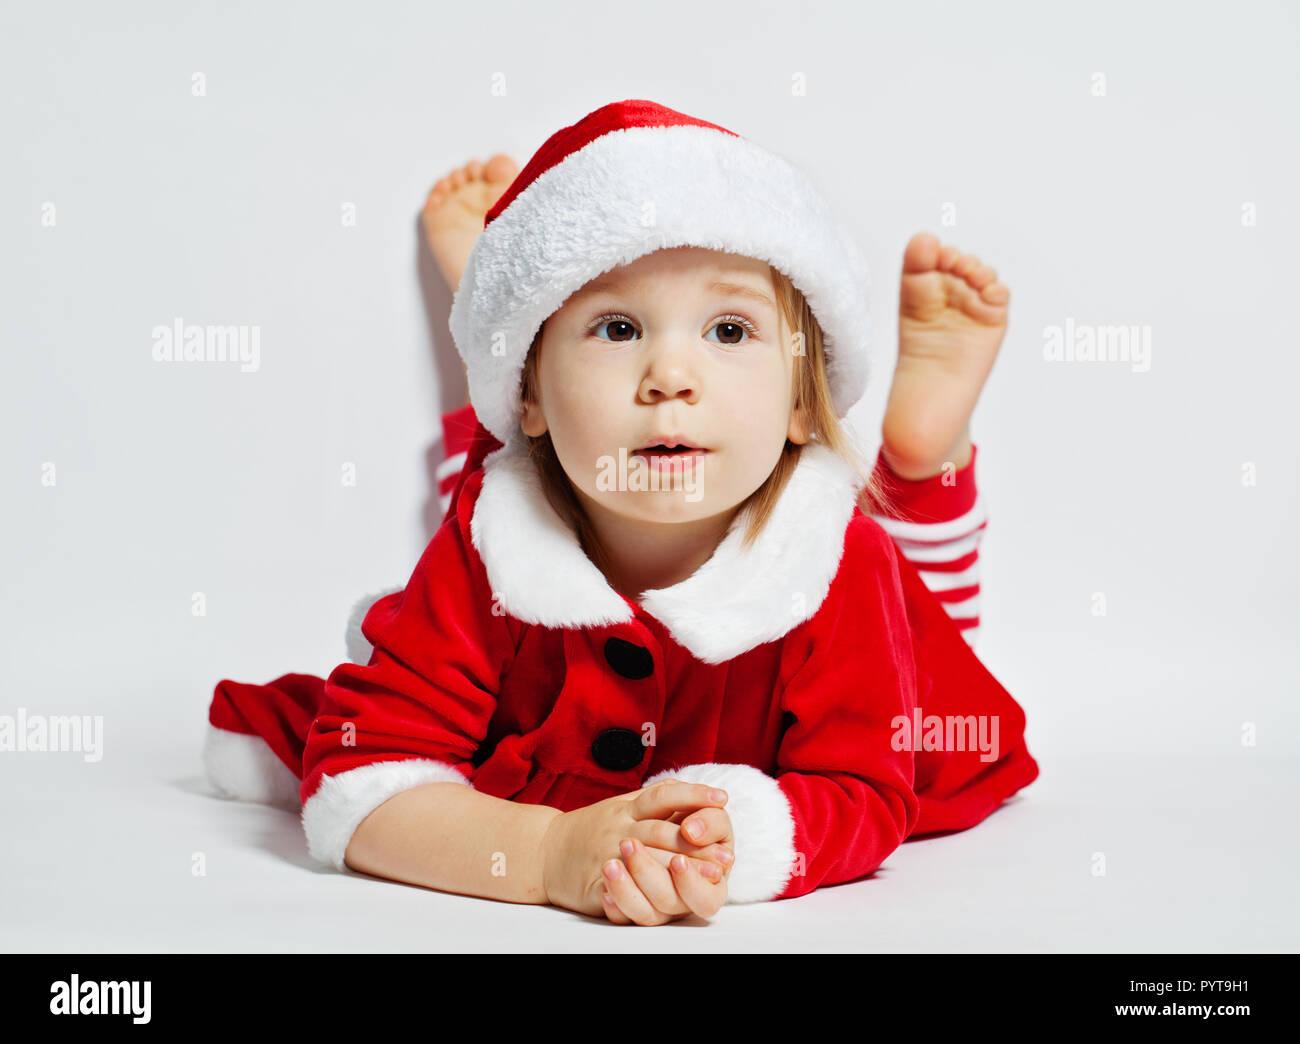 2e4aca26c Cute Baby Girl Wearing Santa Stock Photos & Cute Baby Girl Wearing ...